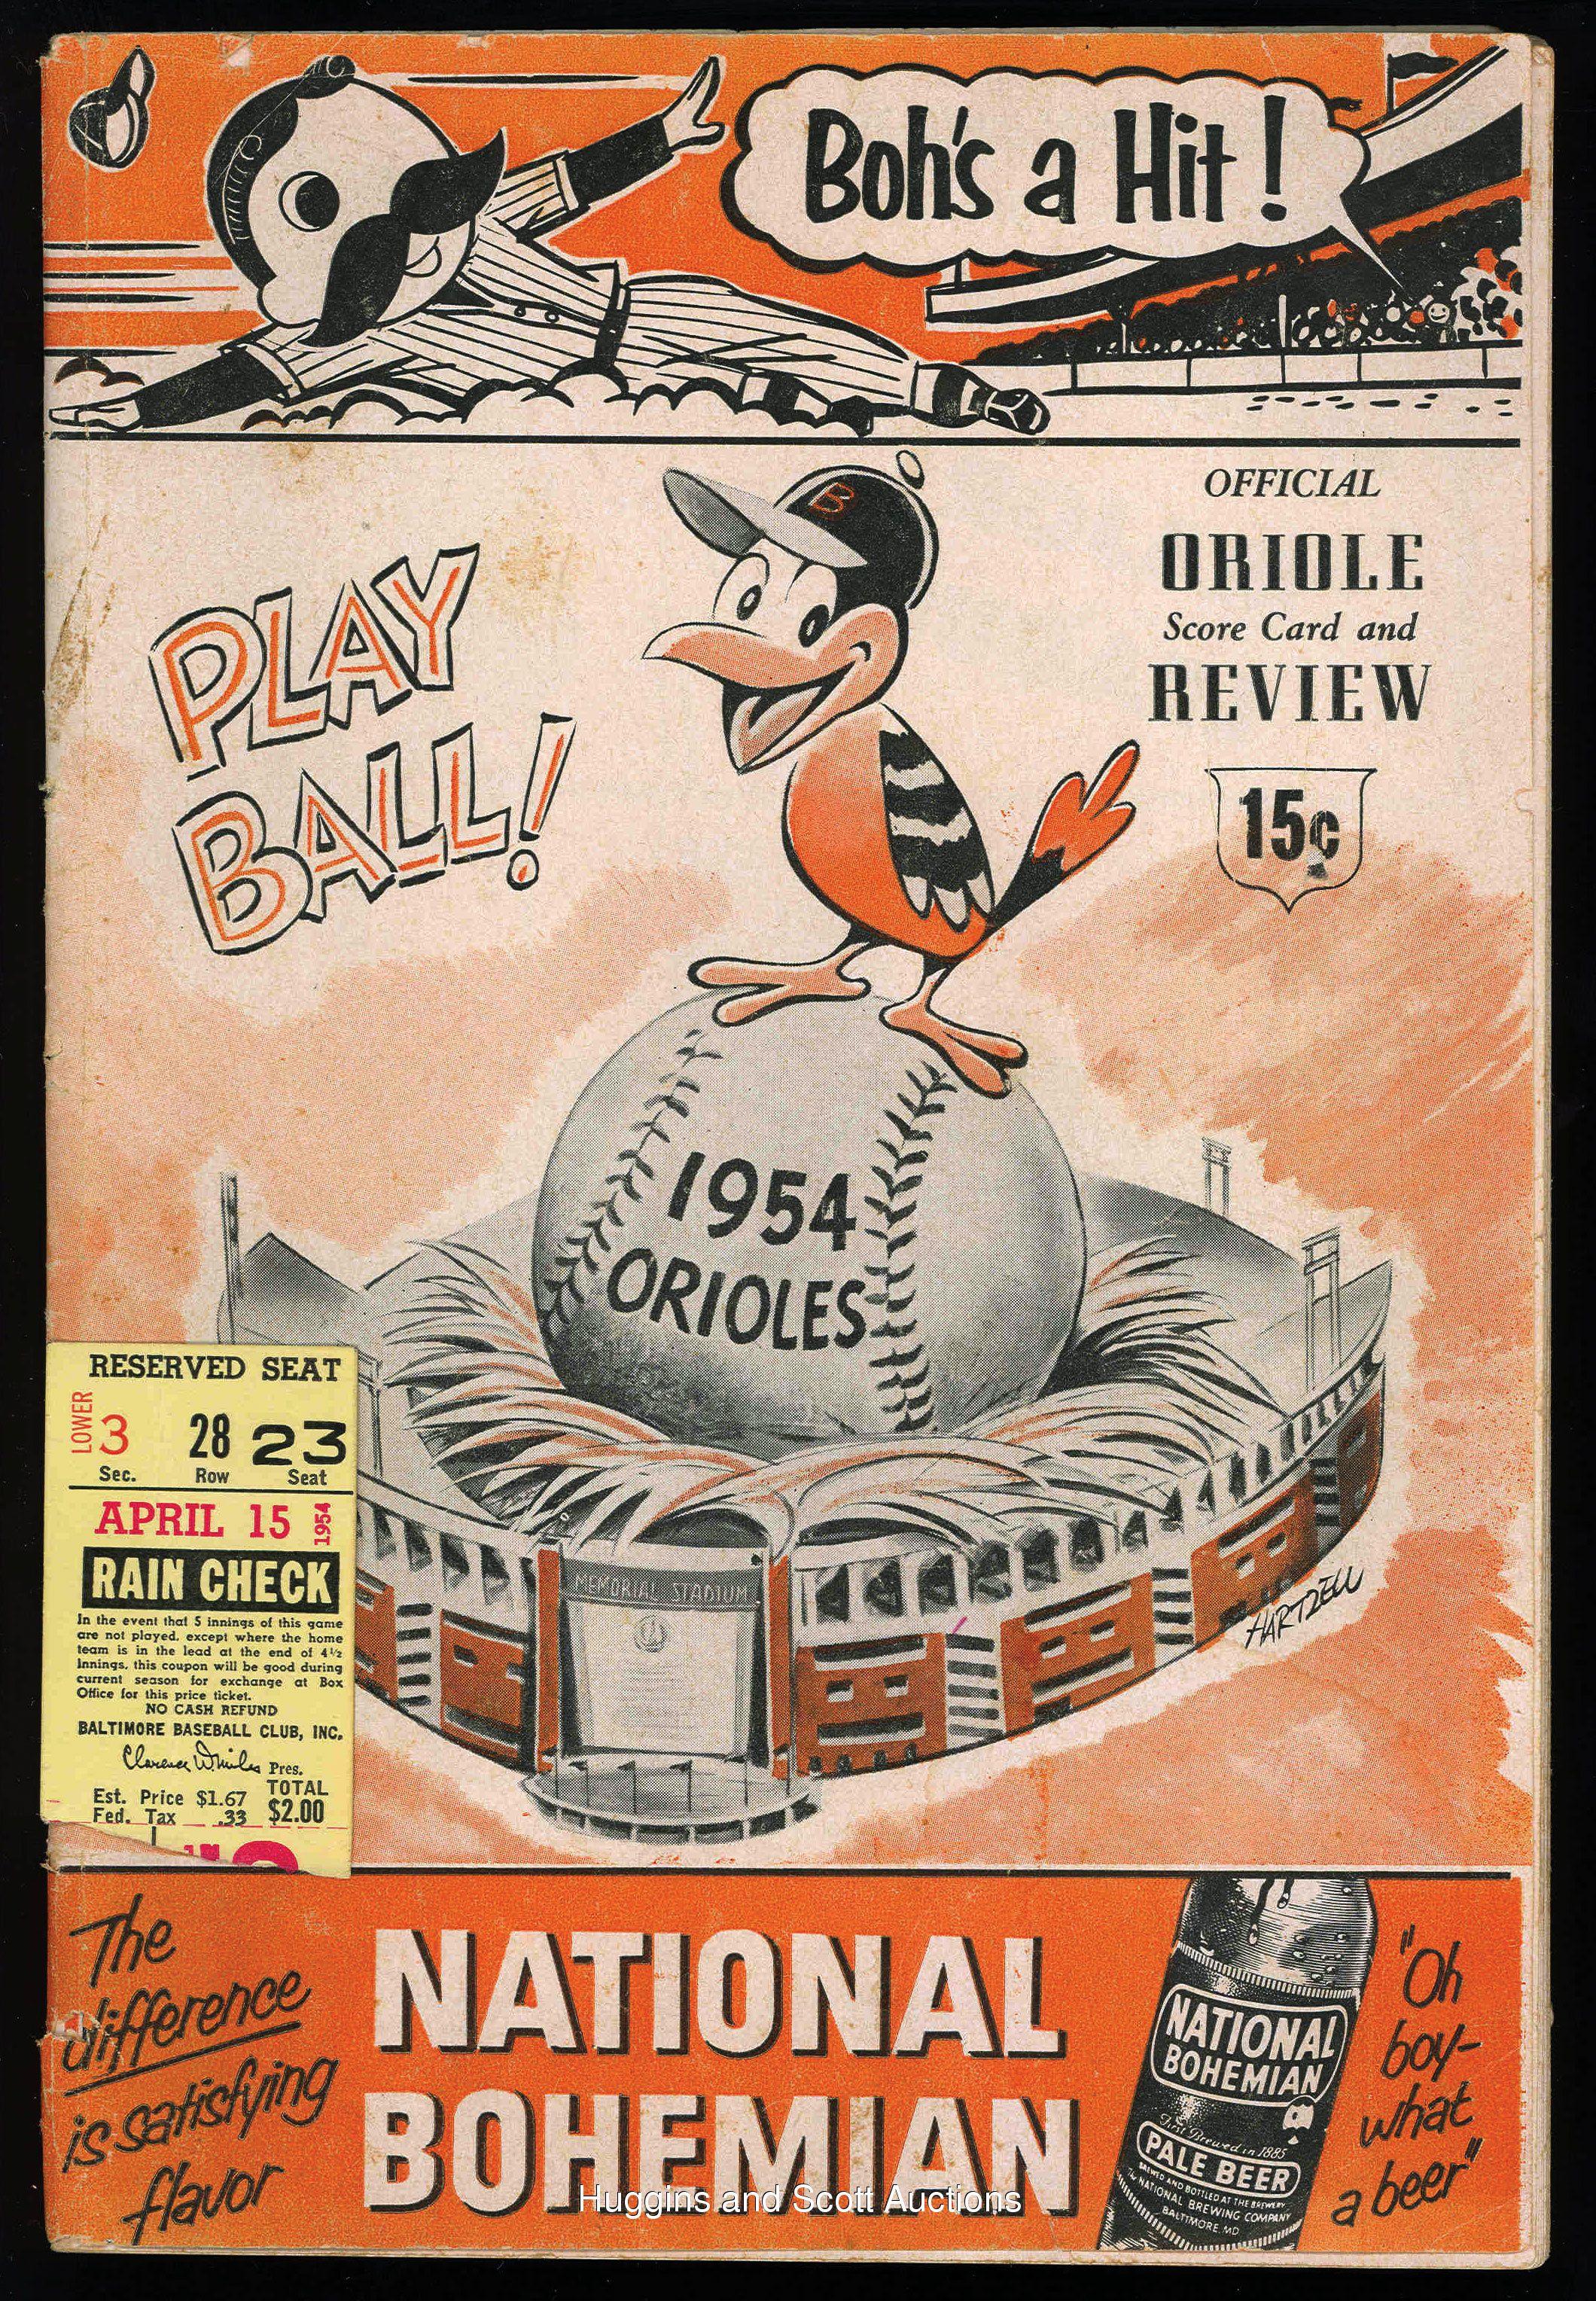 Opening Day, 1954 Baltimore orioles baseball, Baltimore